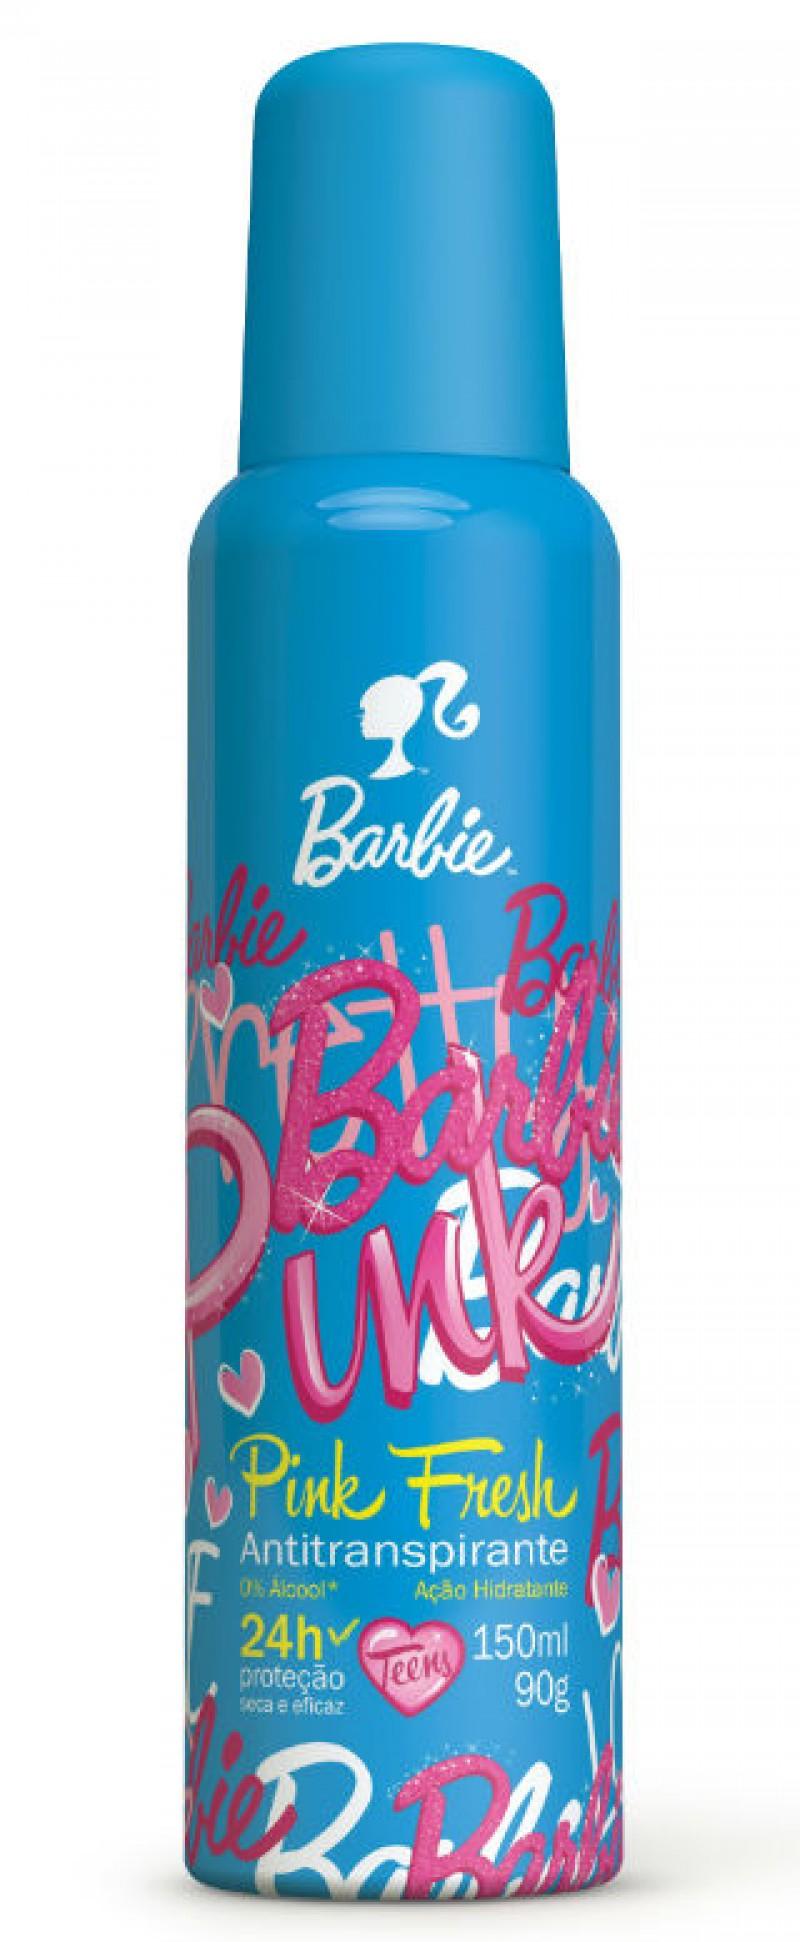 Barbie aposta no p�blico teen com lan�amento de desodorantes aerossol